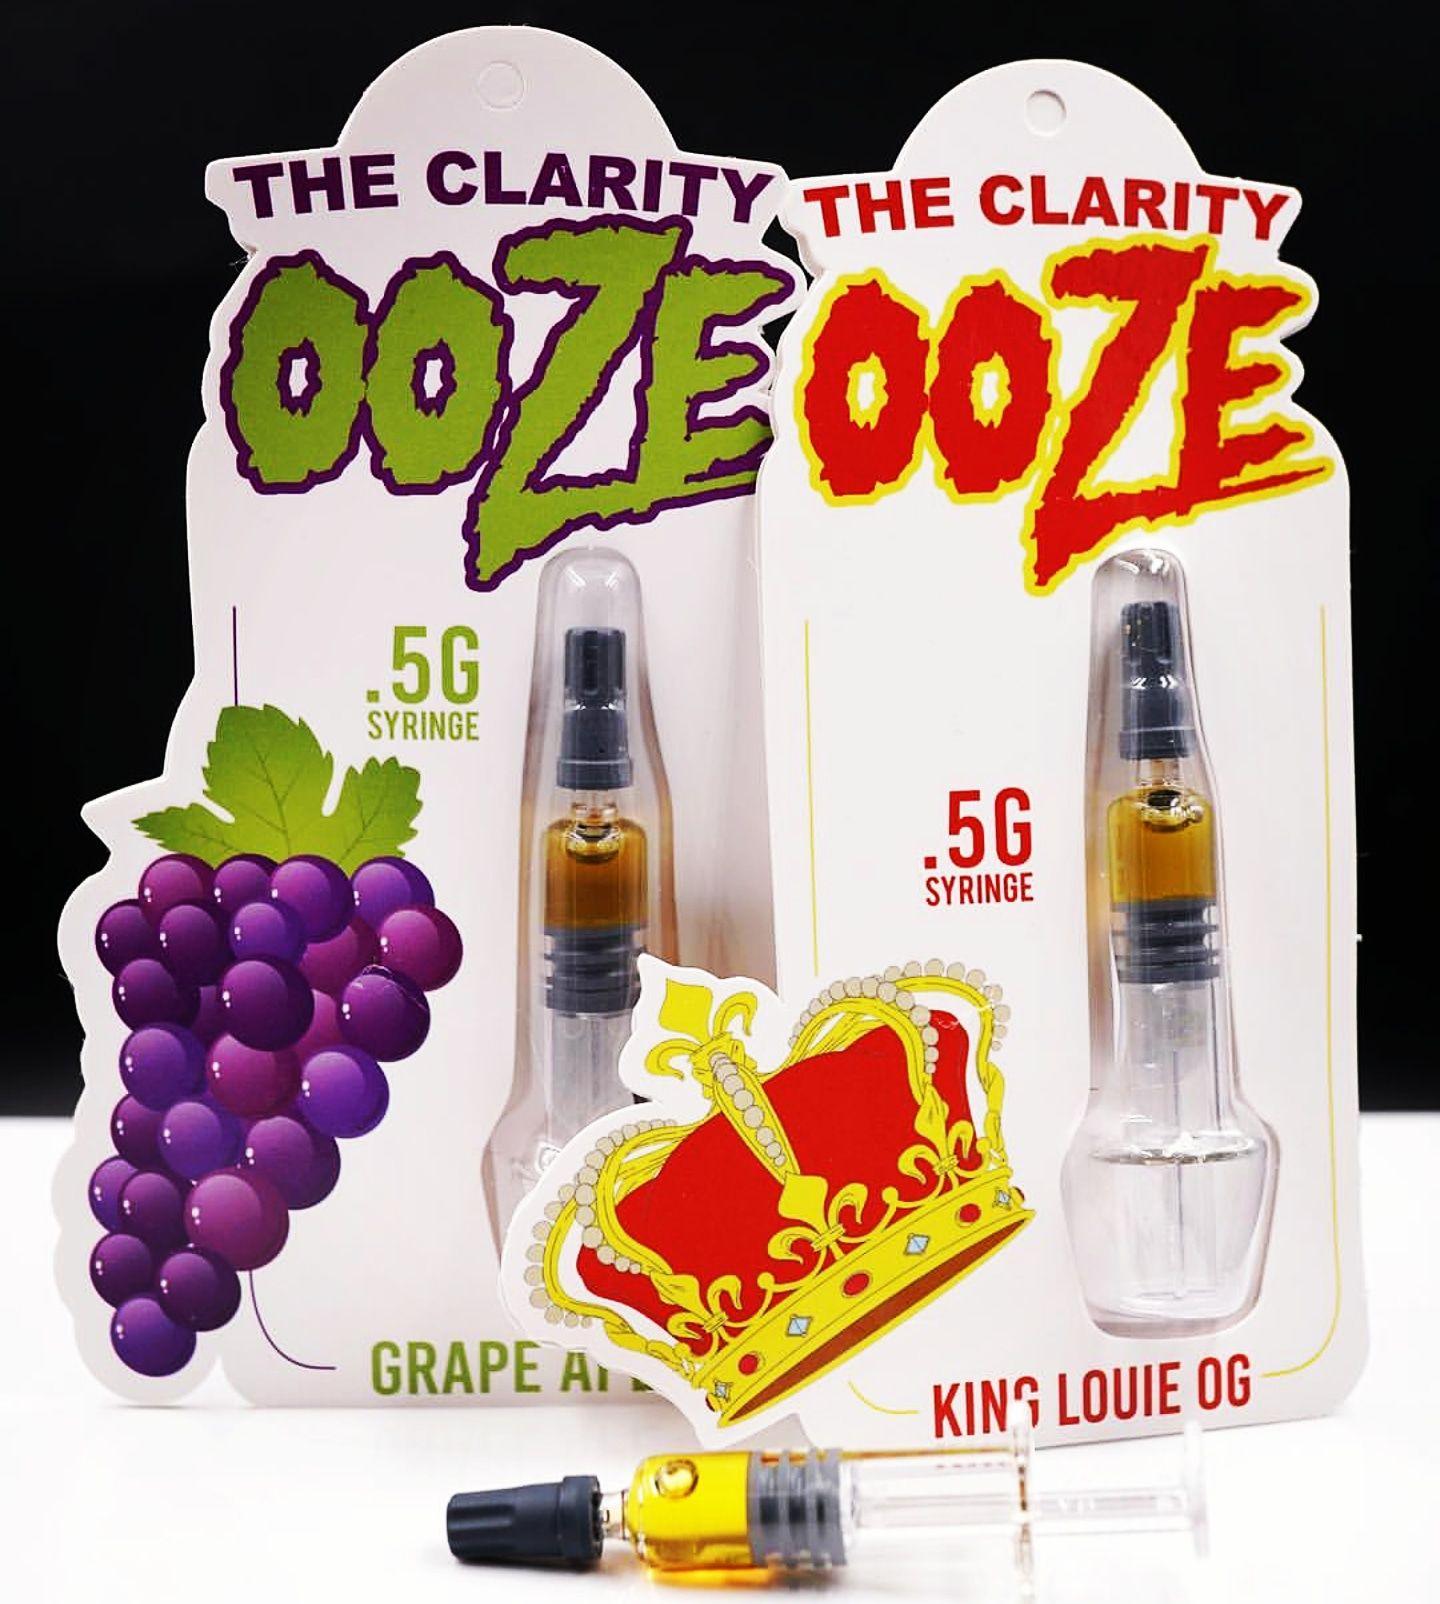 The Clarity Ooze King Louie OG